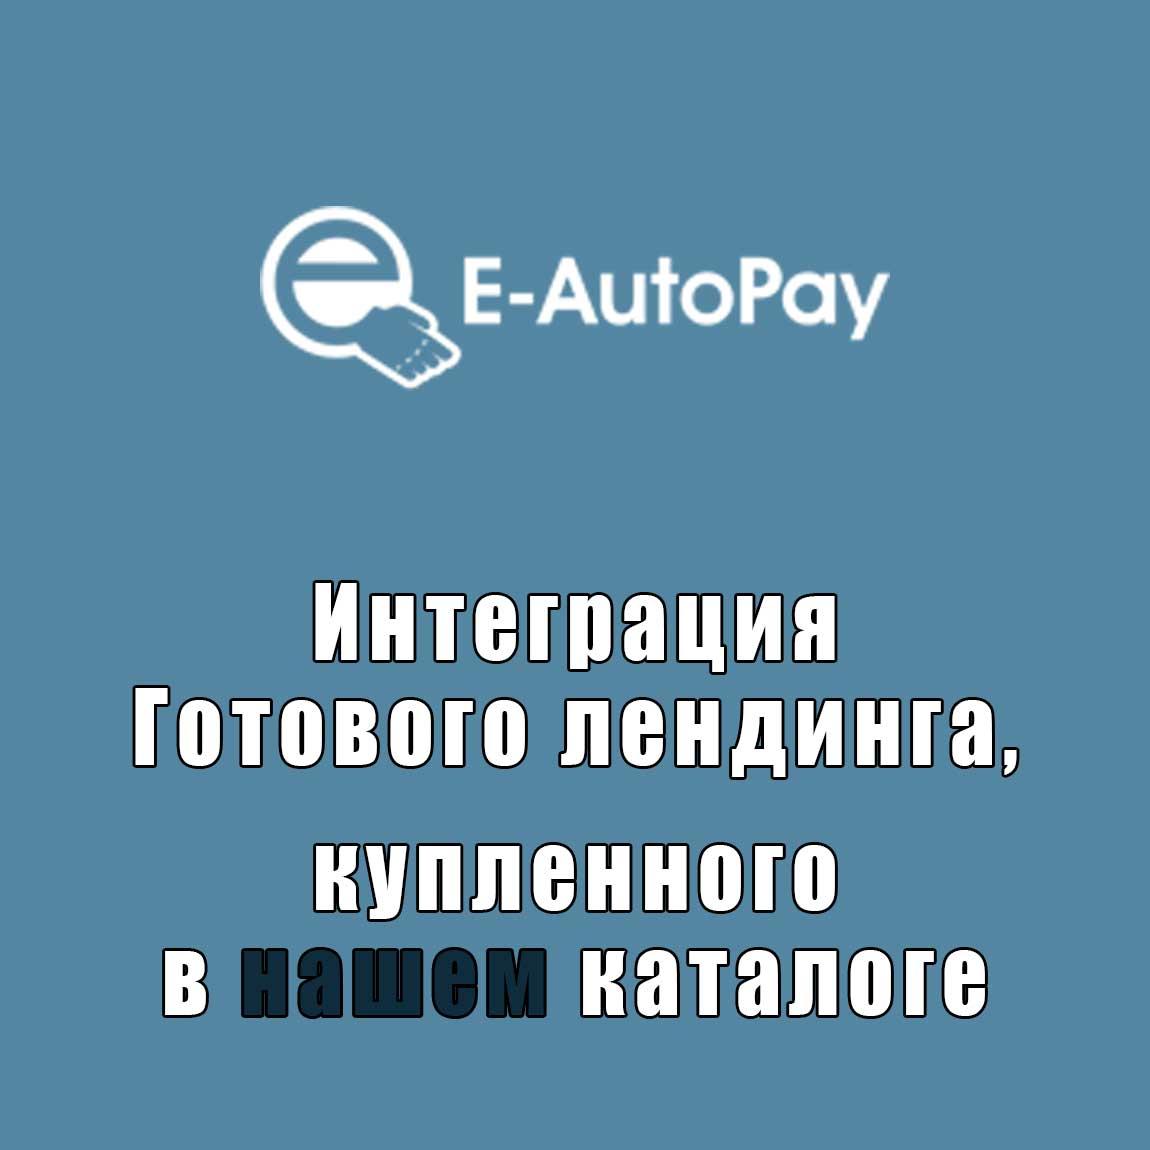 Интеграция нашего готового лендинга с системой E-Autopay